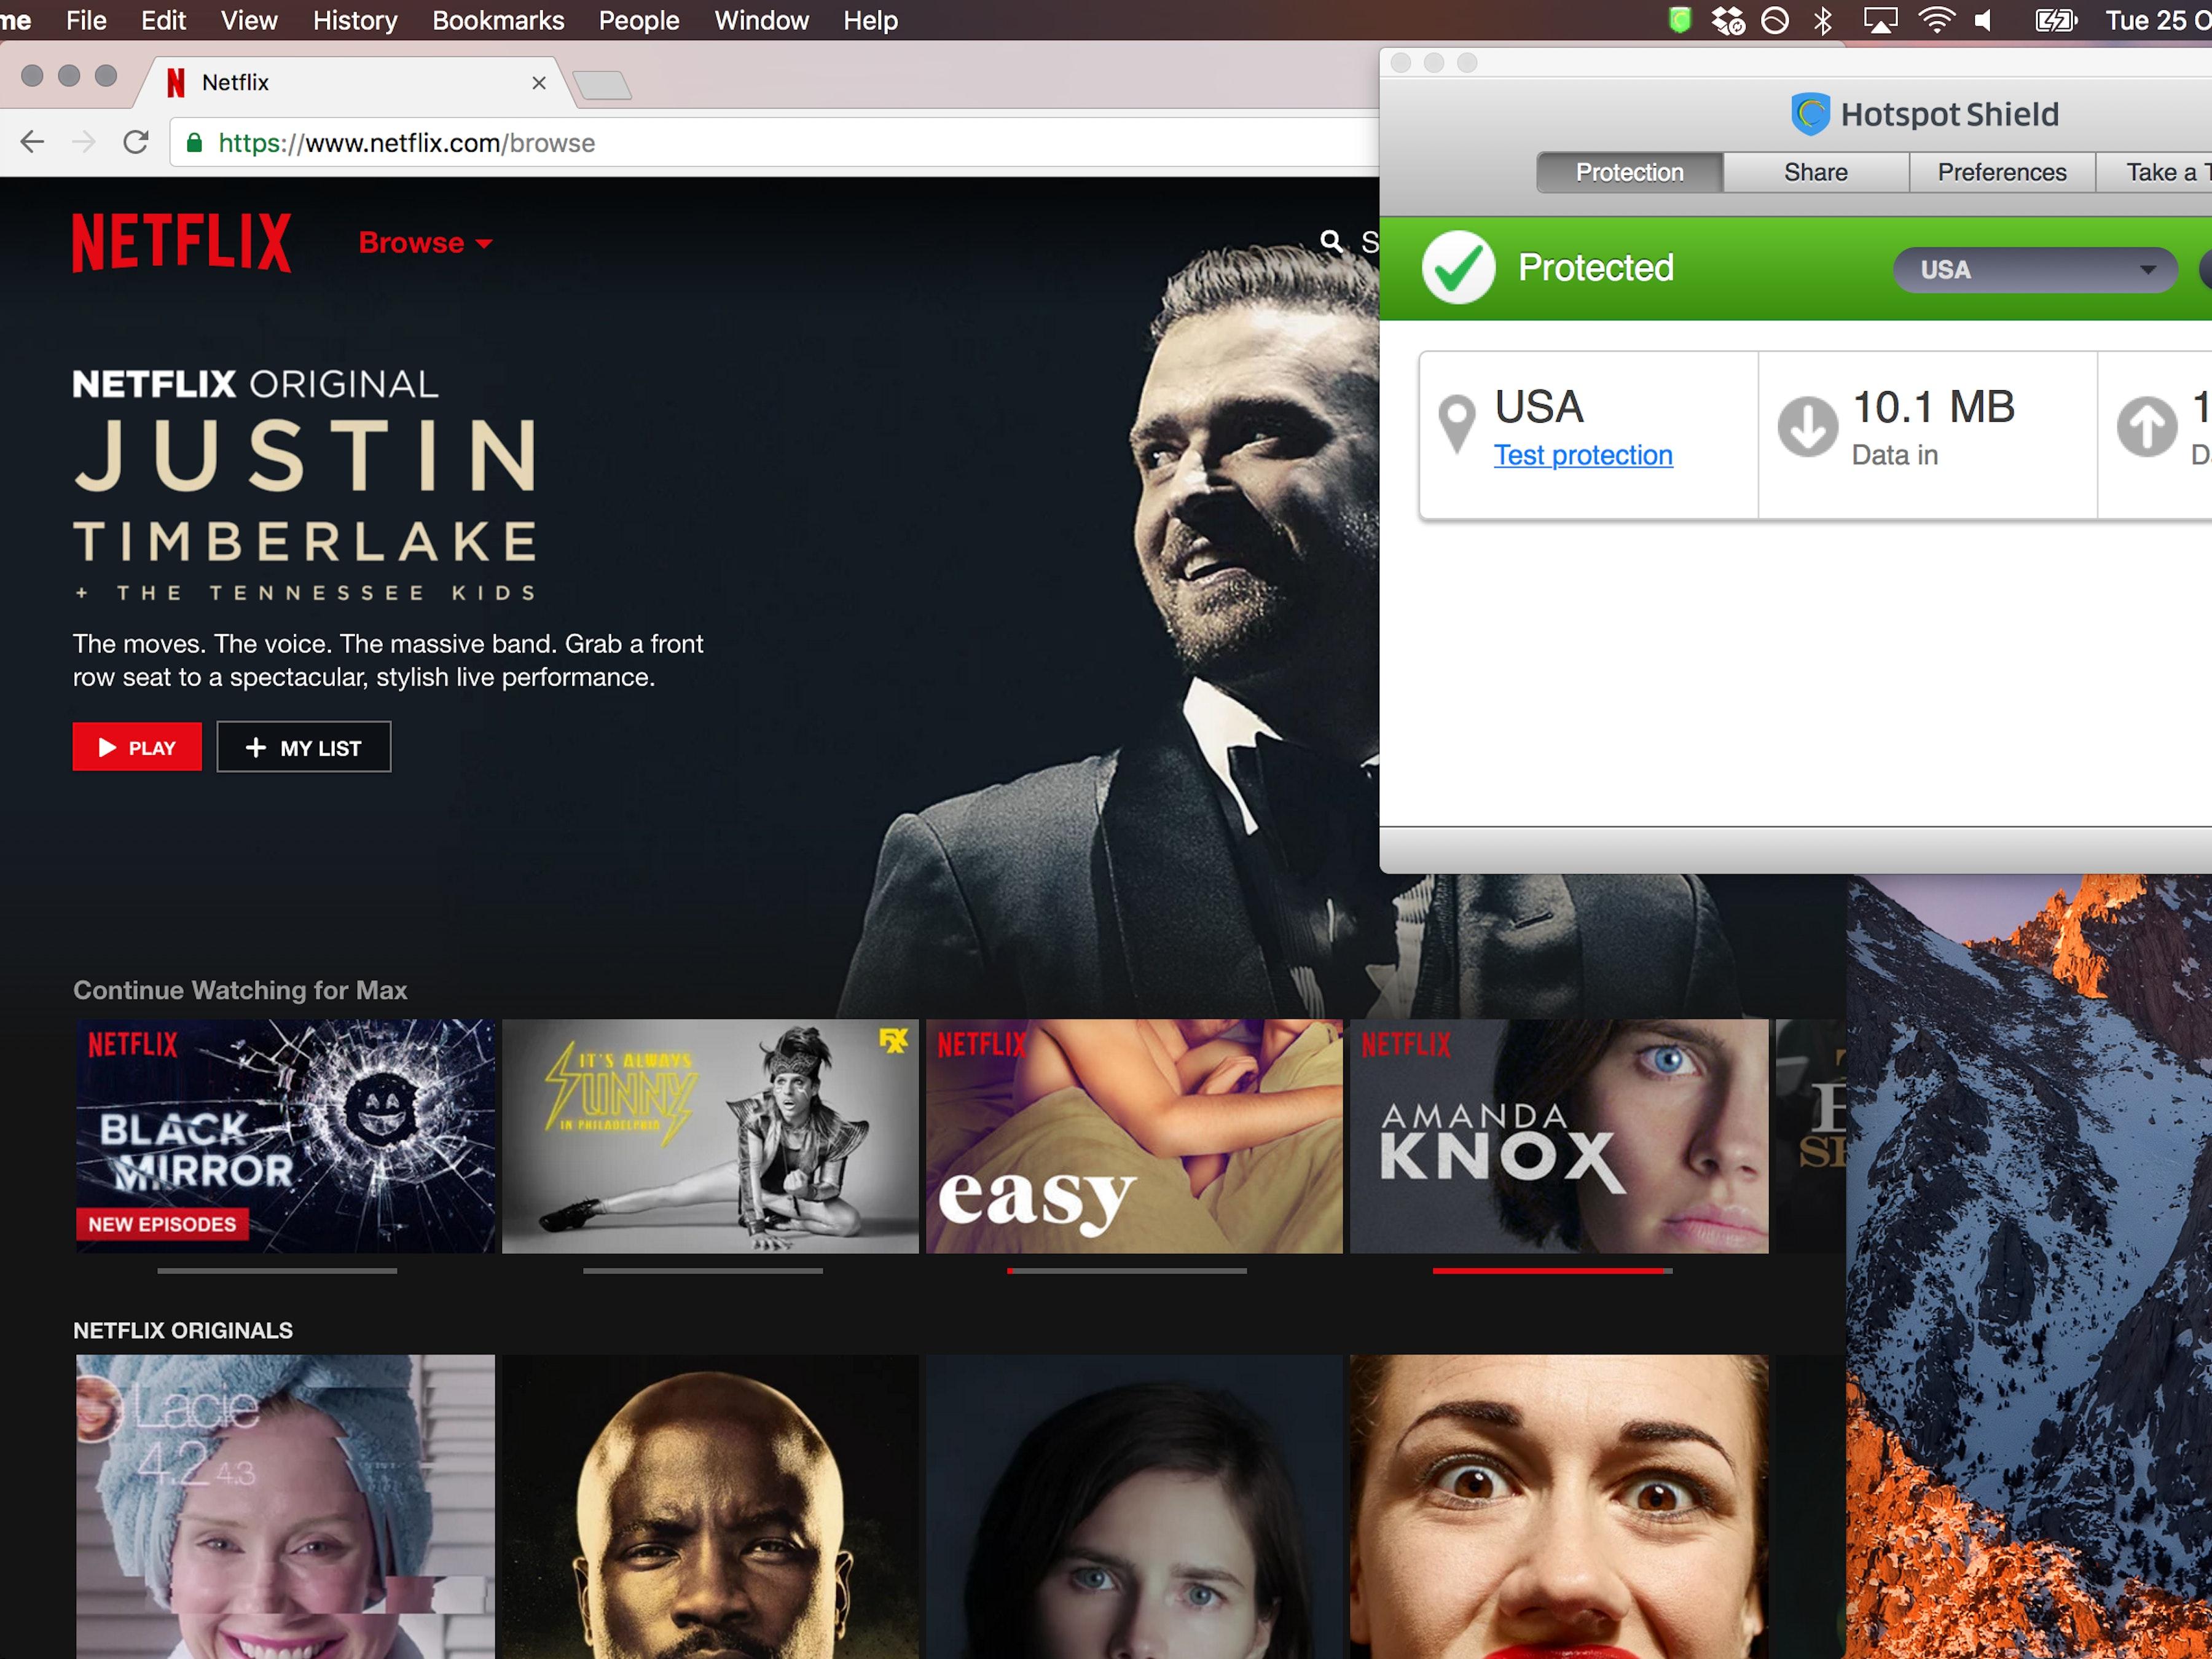 A VPN unlocks U.S. Netflix (and Justin Timberlake)